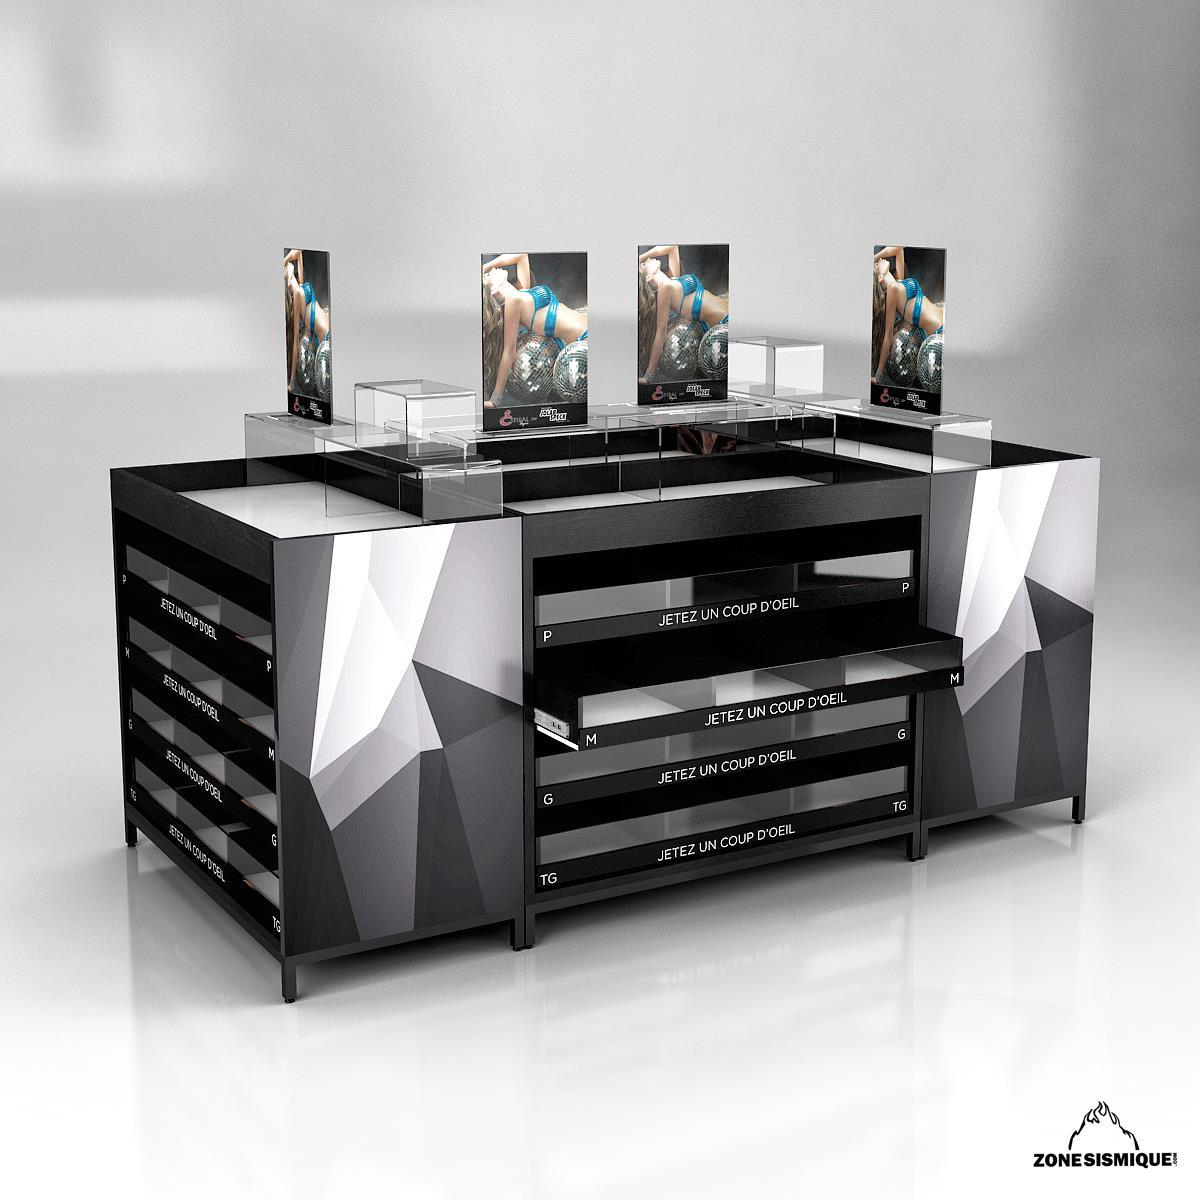 zone sismique presentoir lingerie v1 zone sismique. Black Bedroom Furniture Sets. Home Design Ideas